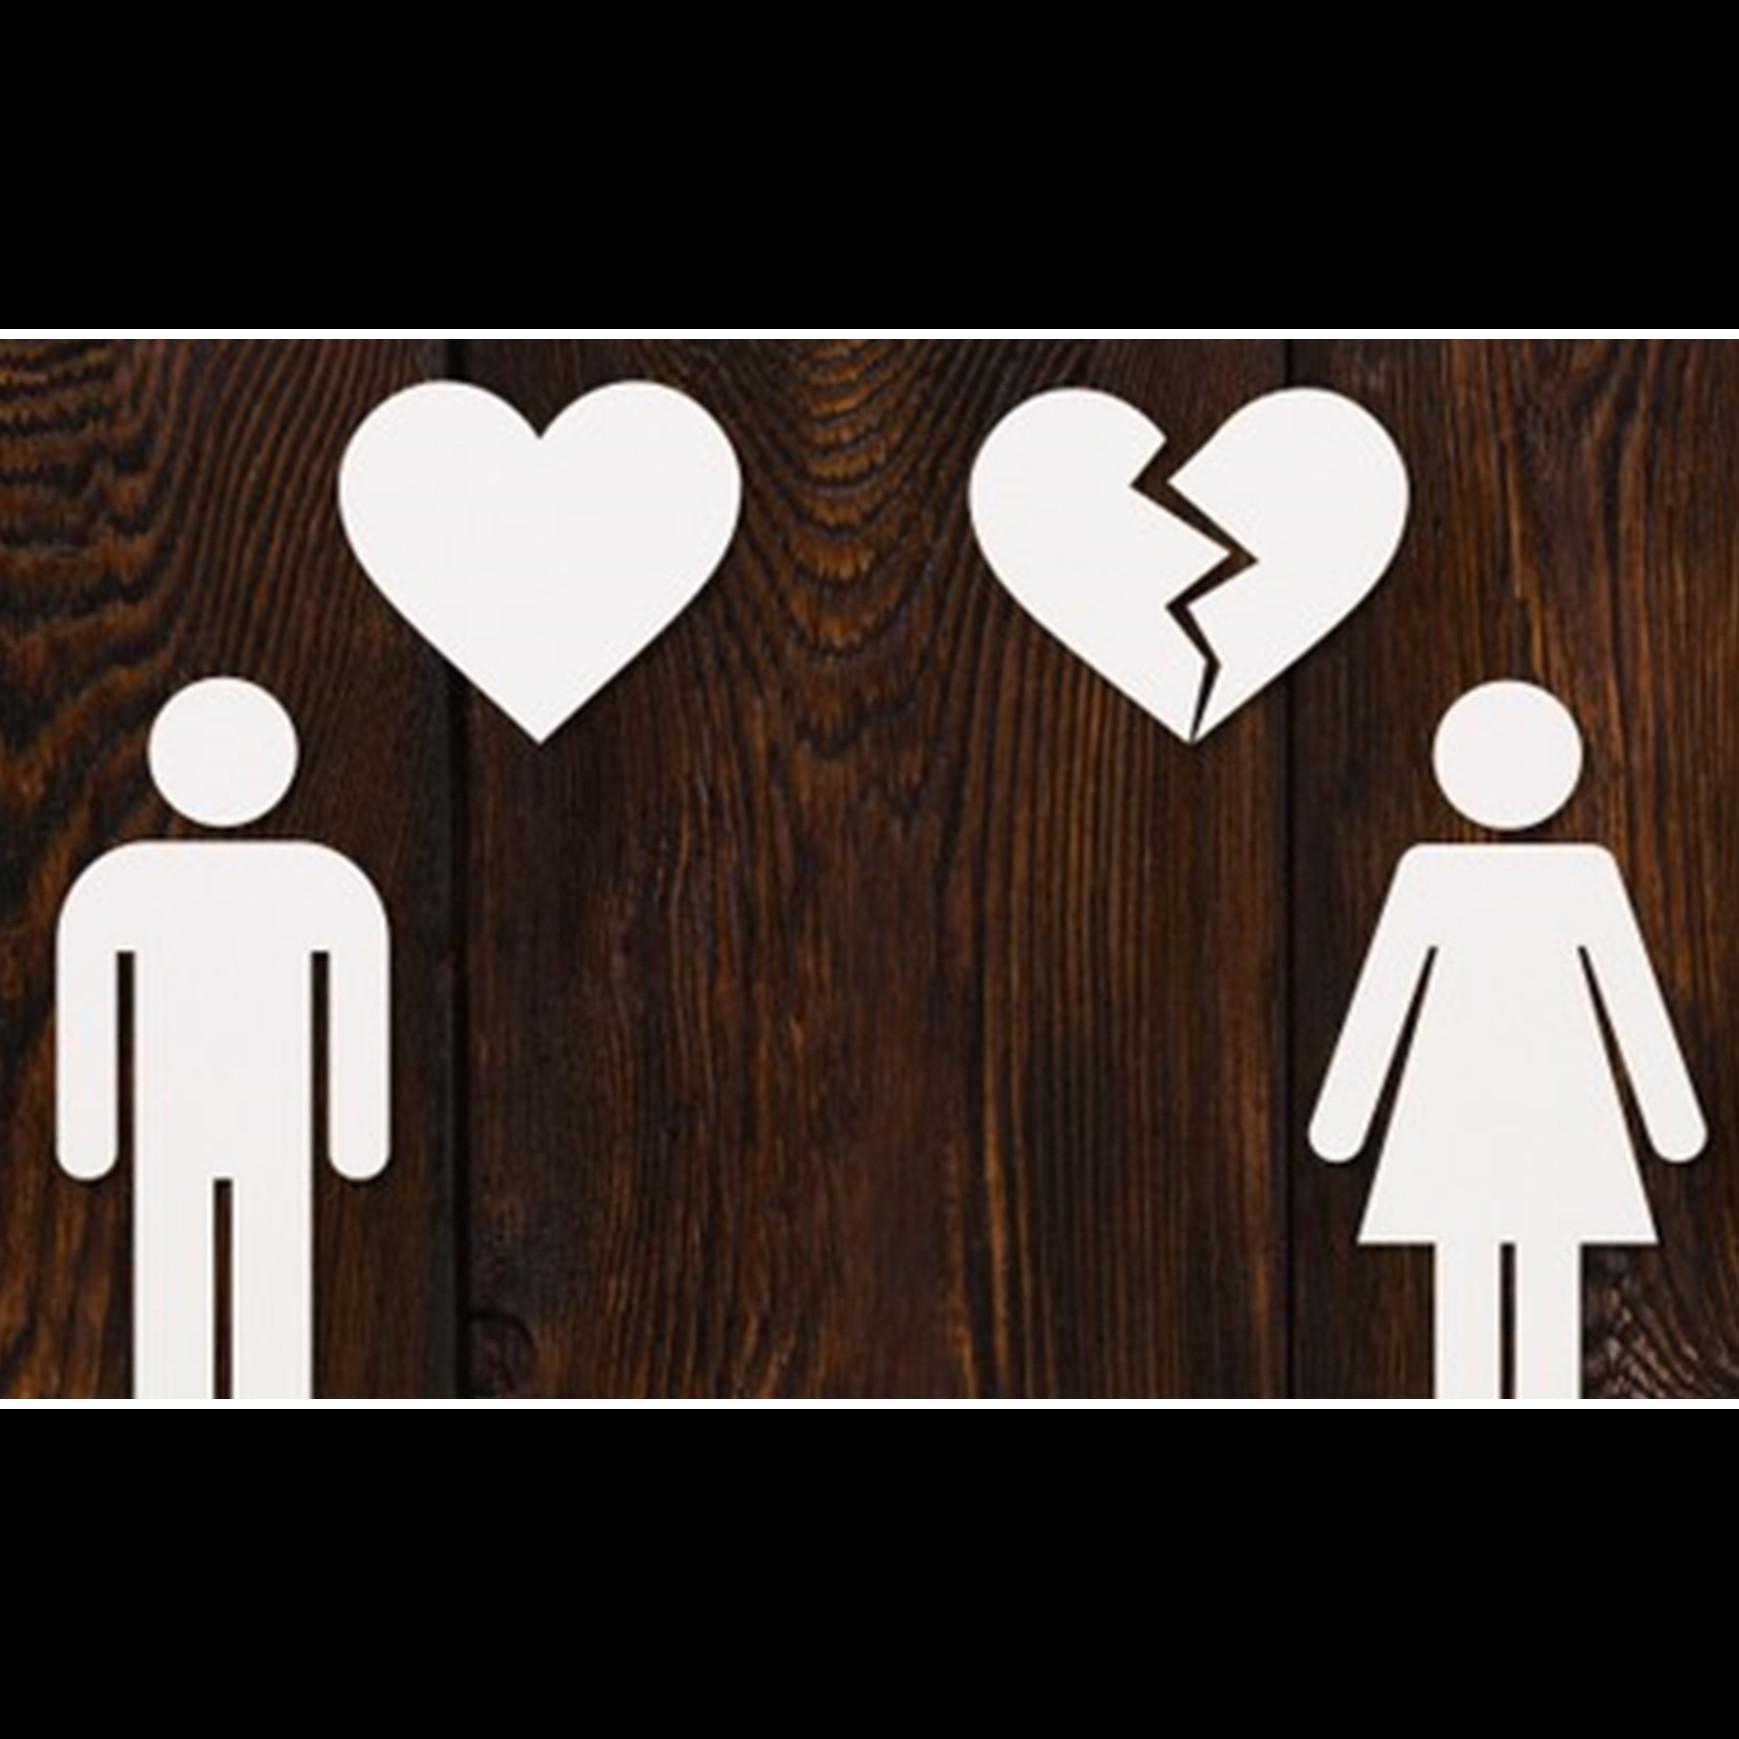 40 Kata Kata Bijak Cinta Bertepuk Sebelah Tangan Bikin Hati Tega